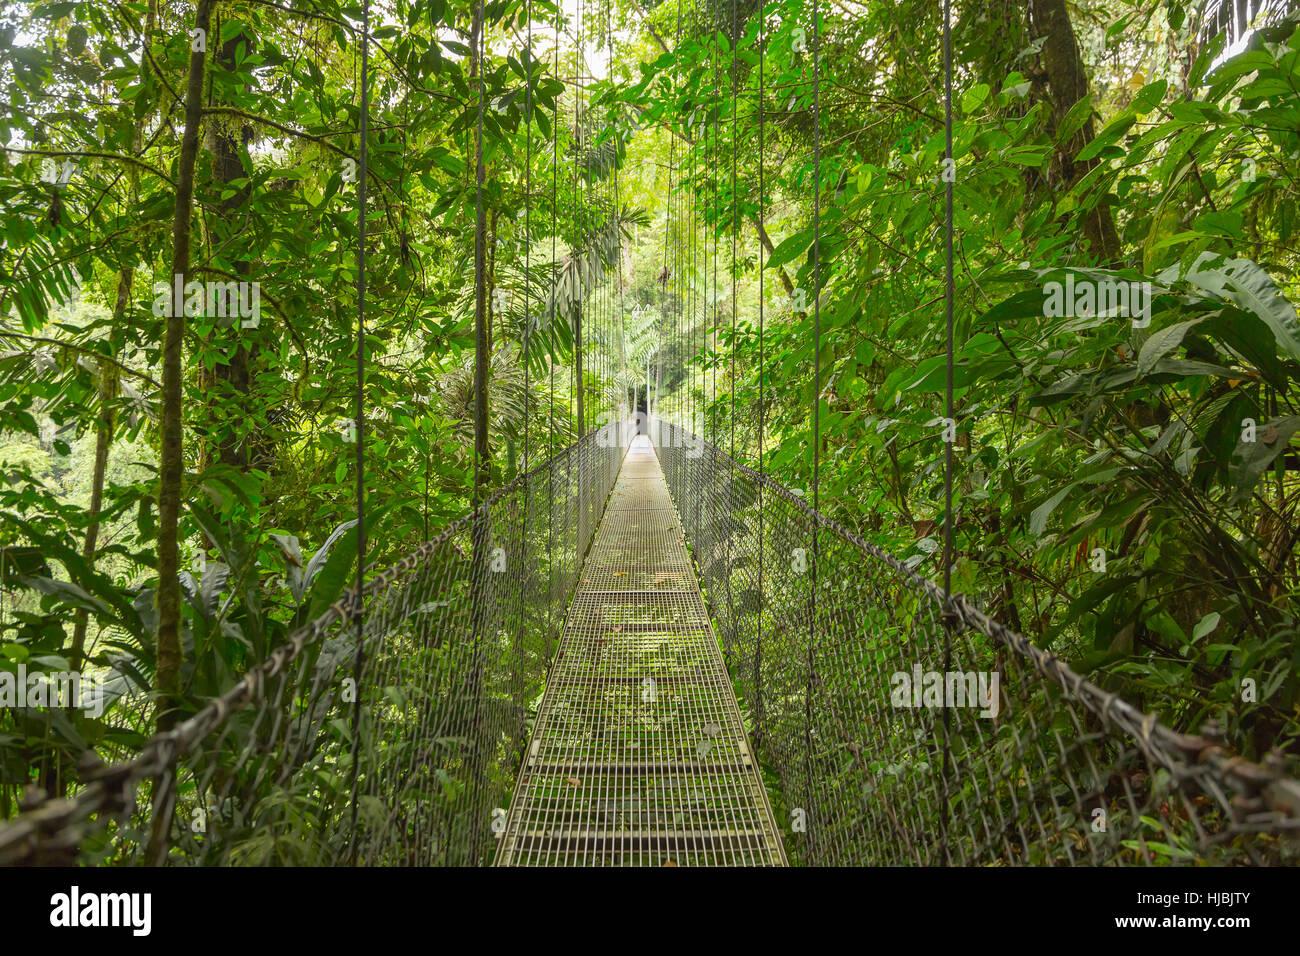 Pont suspendu au parc naturel de forêt tropicale au Costa Rica Photo Stock